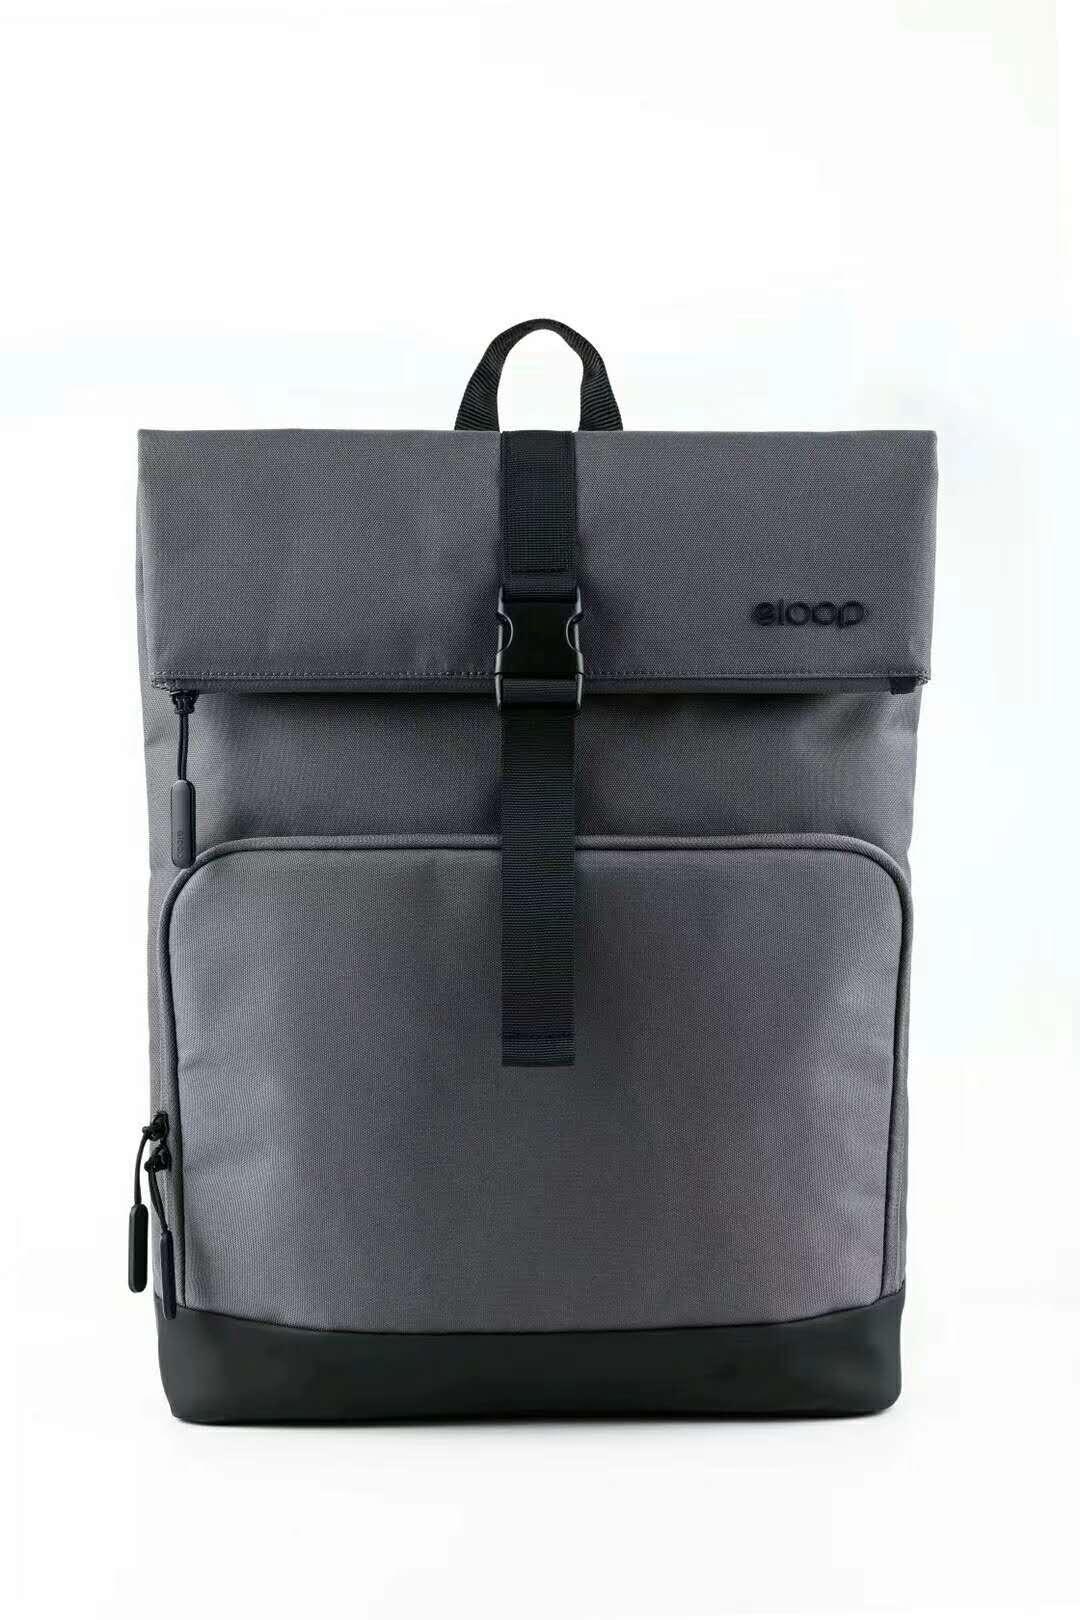 ELOOP City B2 Waterproof 15-inch Laptop Backpack Grey